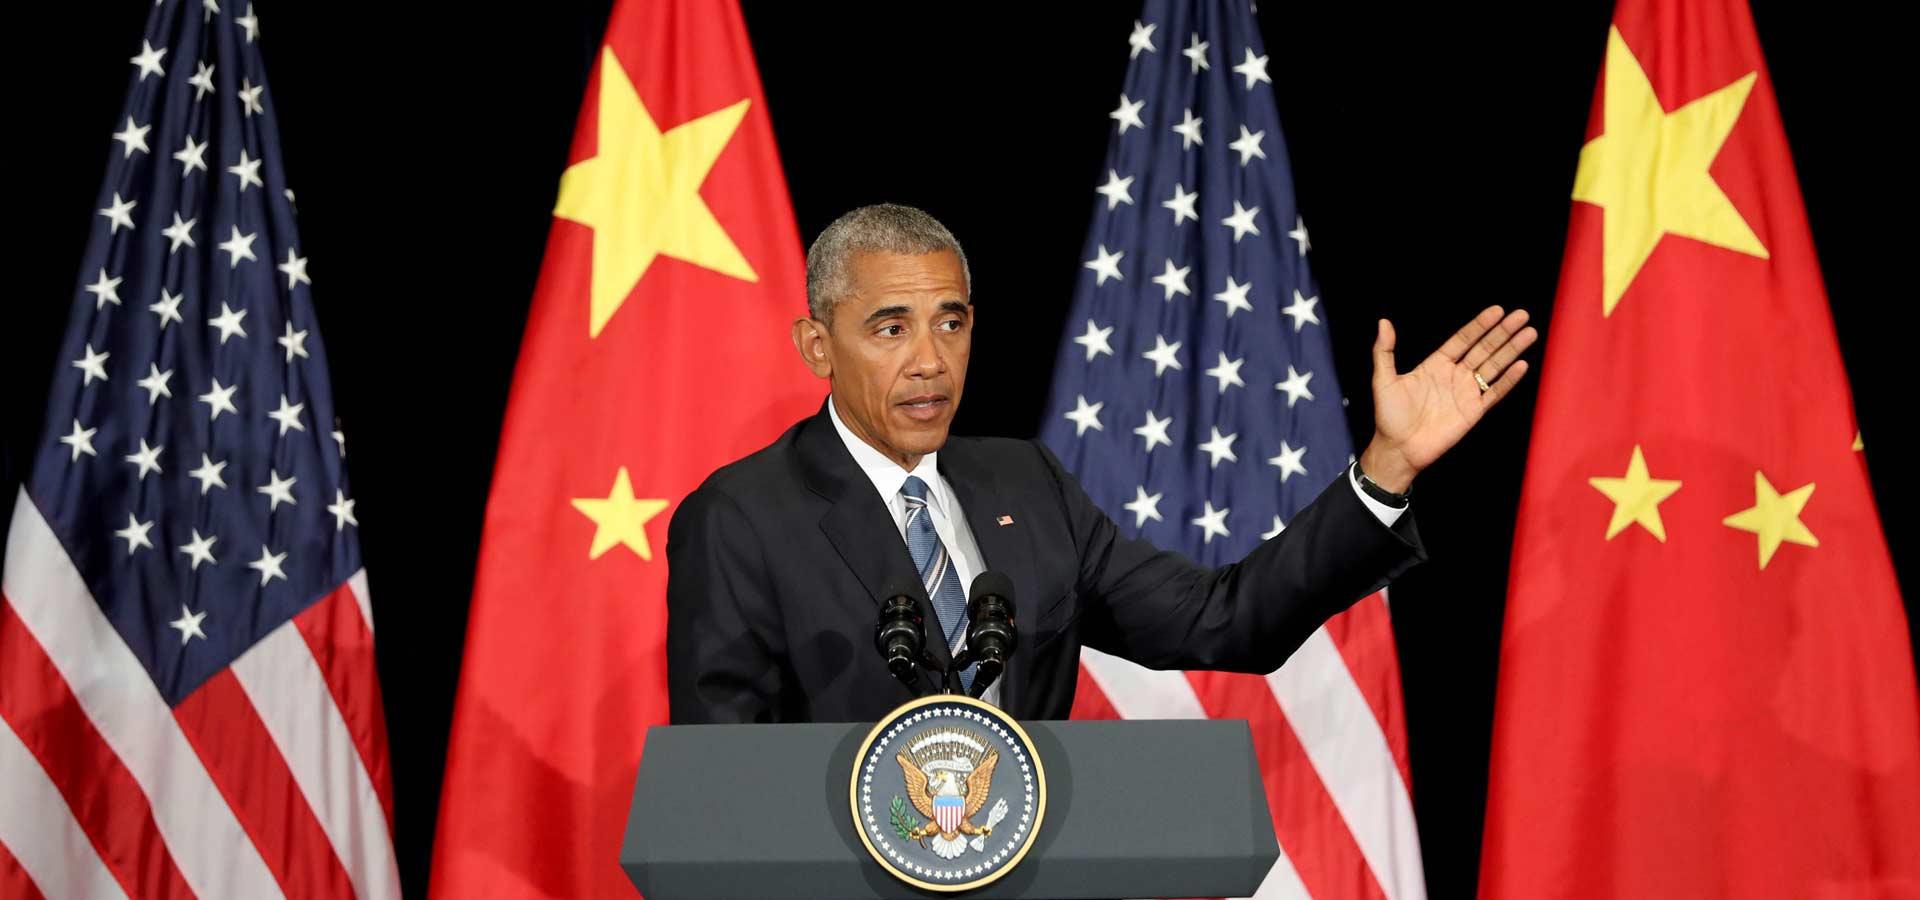 美國總統奧巴馬在杭州舉行新聞發布會